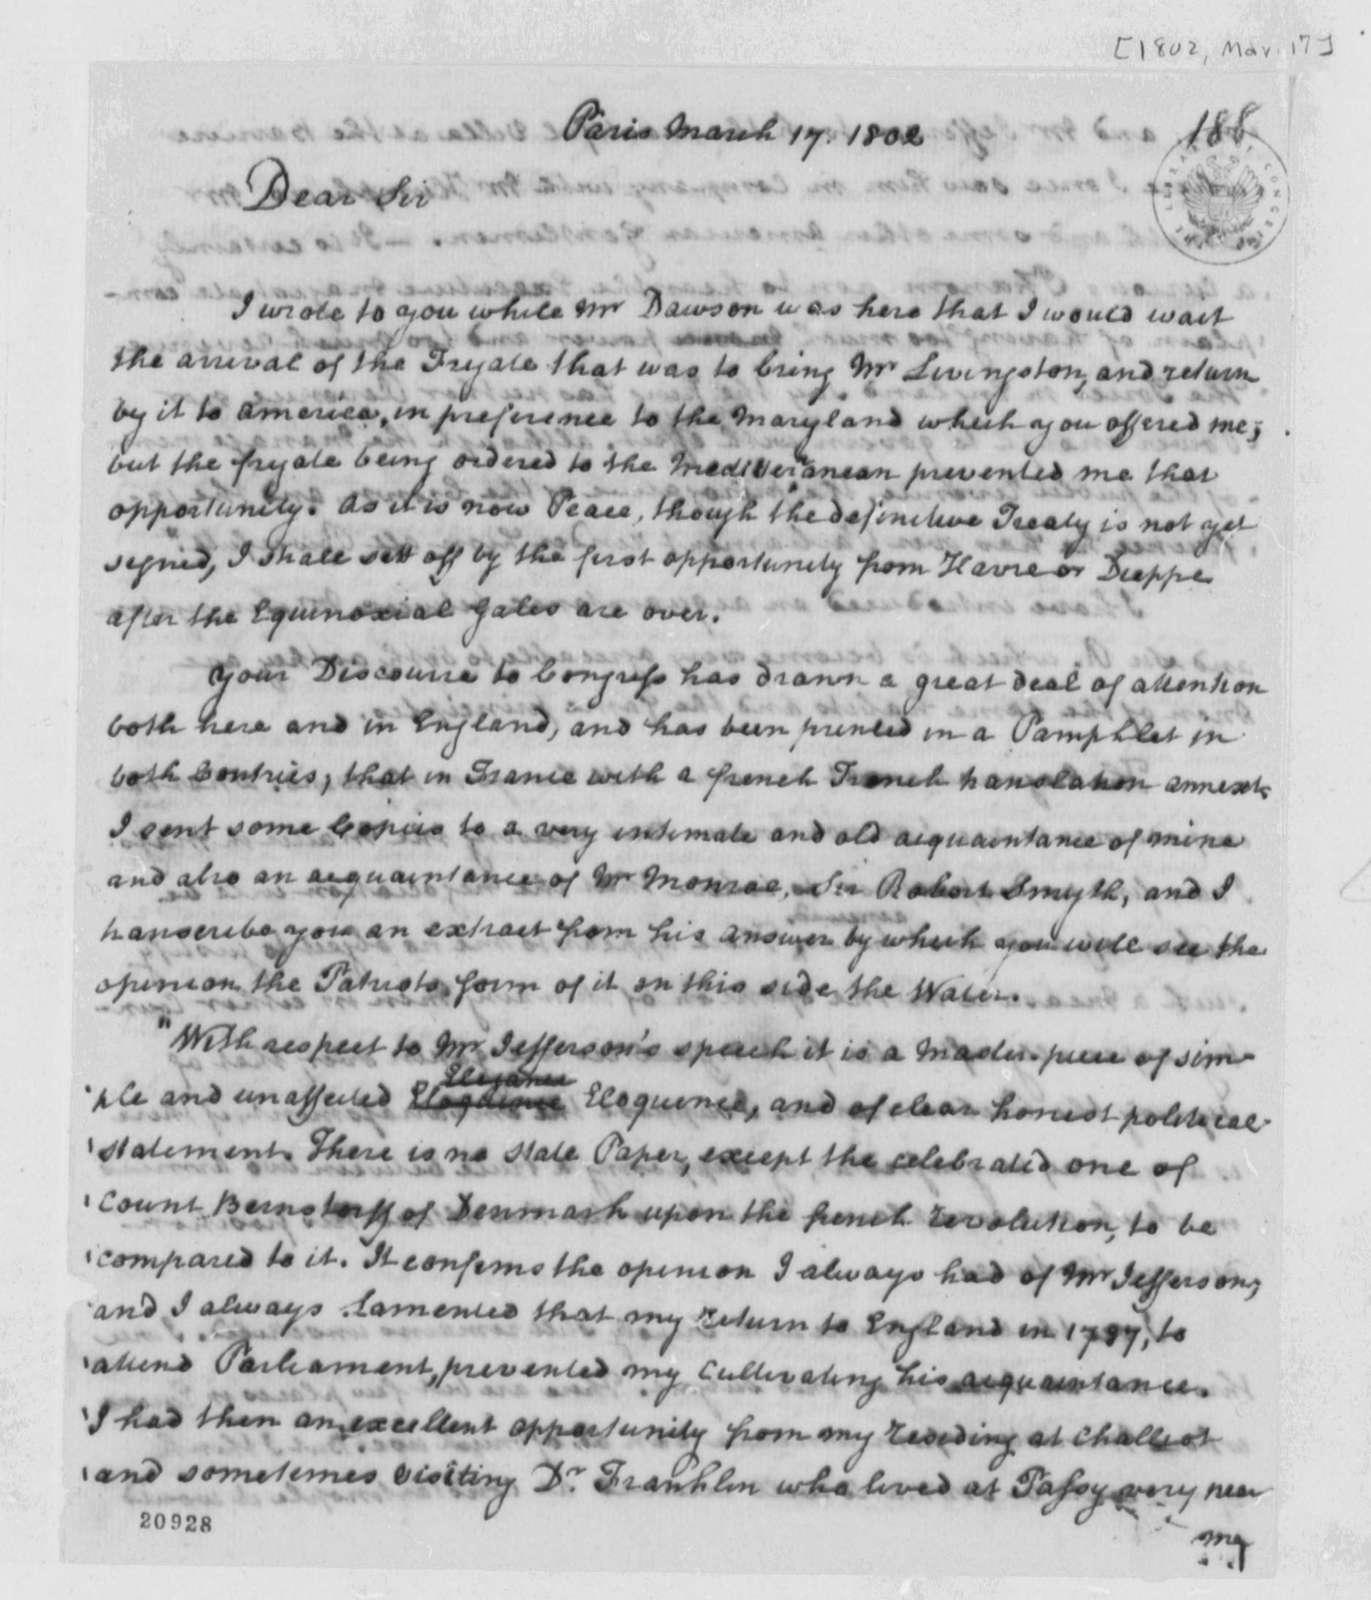 Thomas Paine to Thomas Jefferson, March 17, 1802